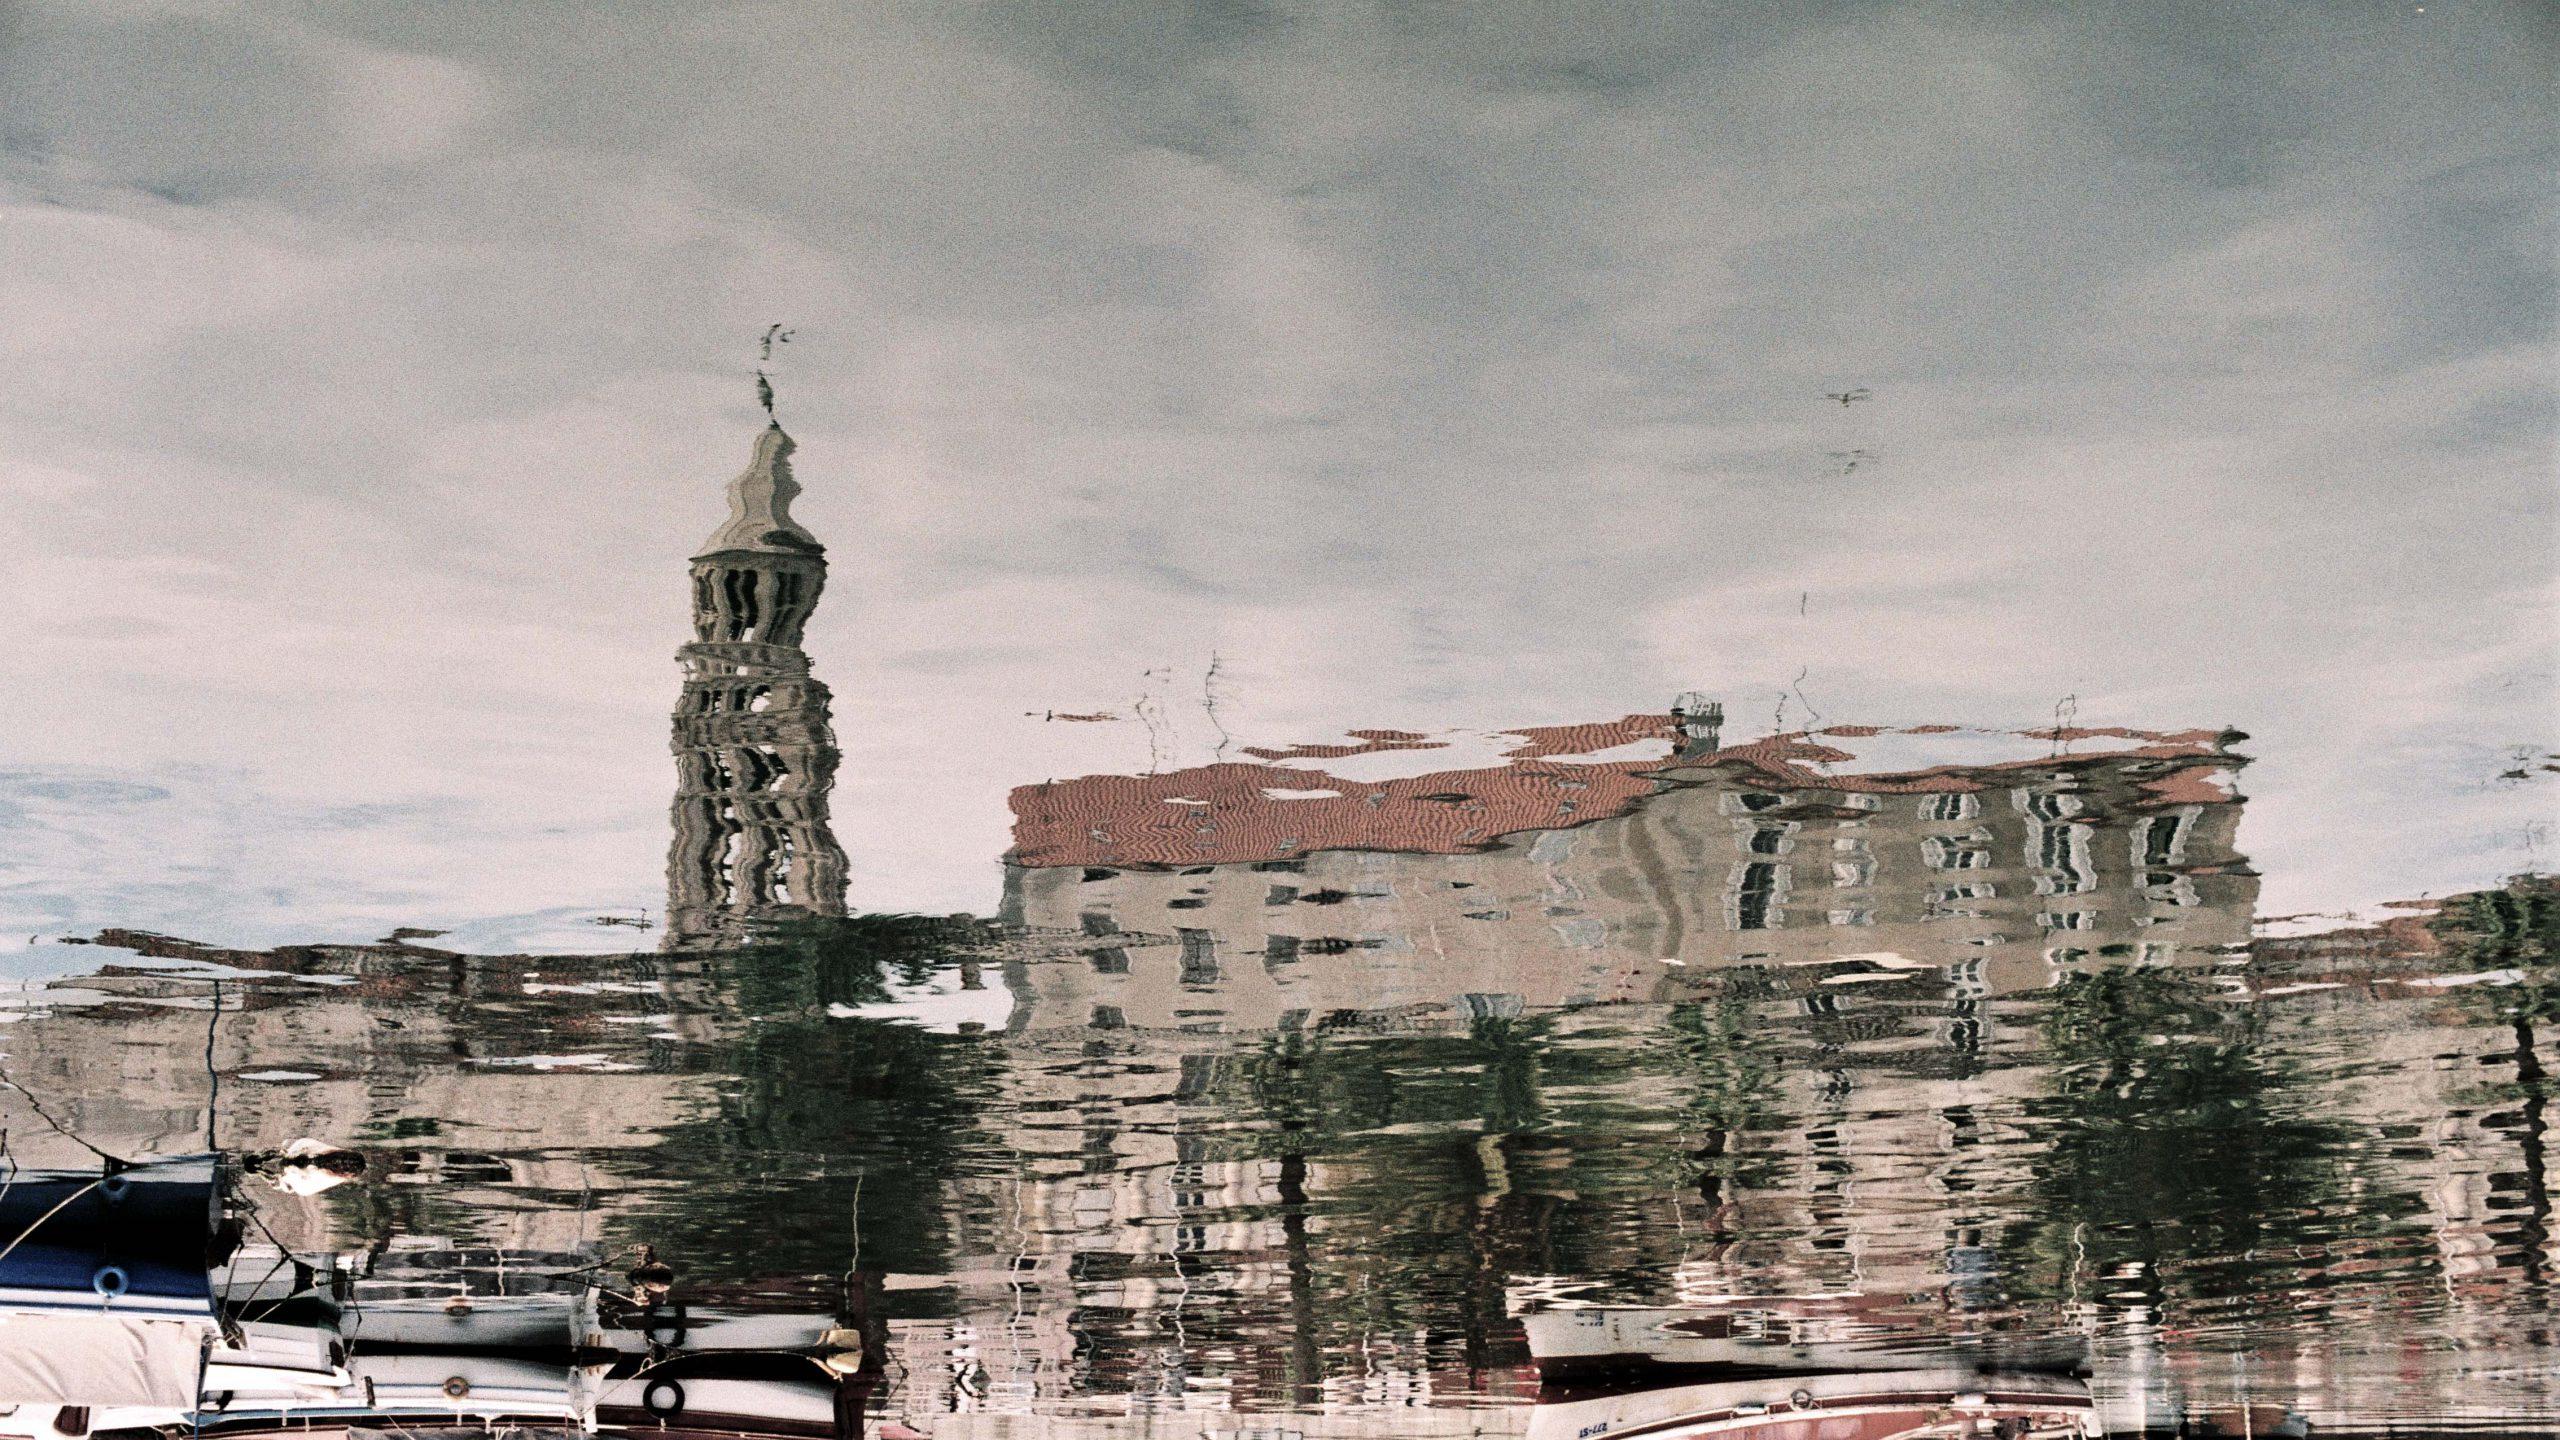 Obrazuj se u Splitu!